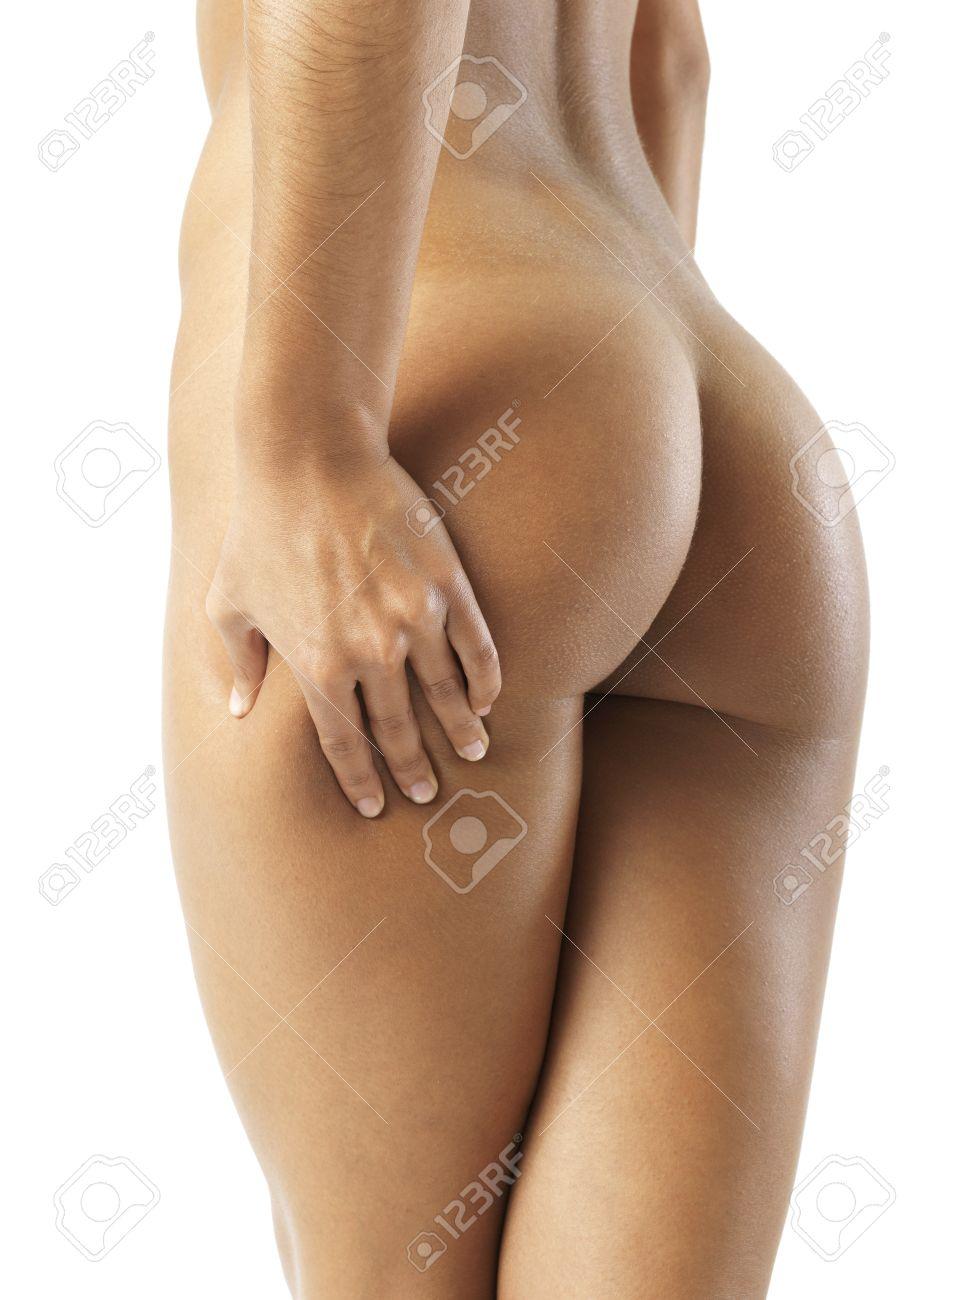 Super ass nude